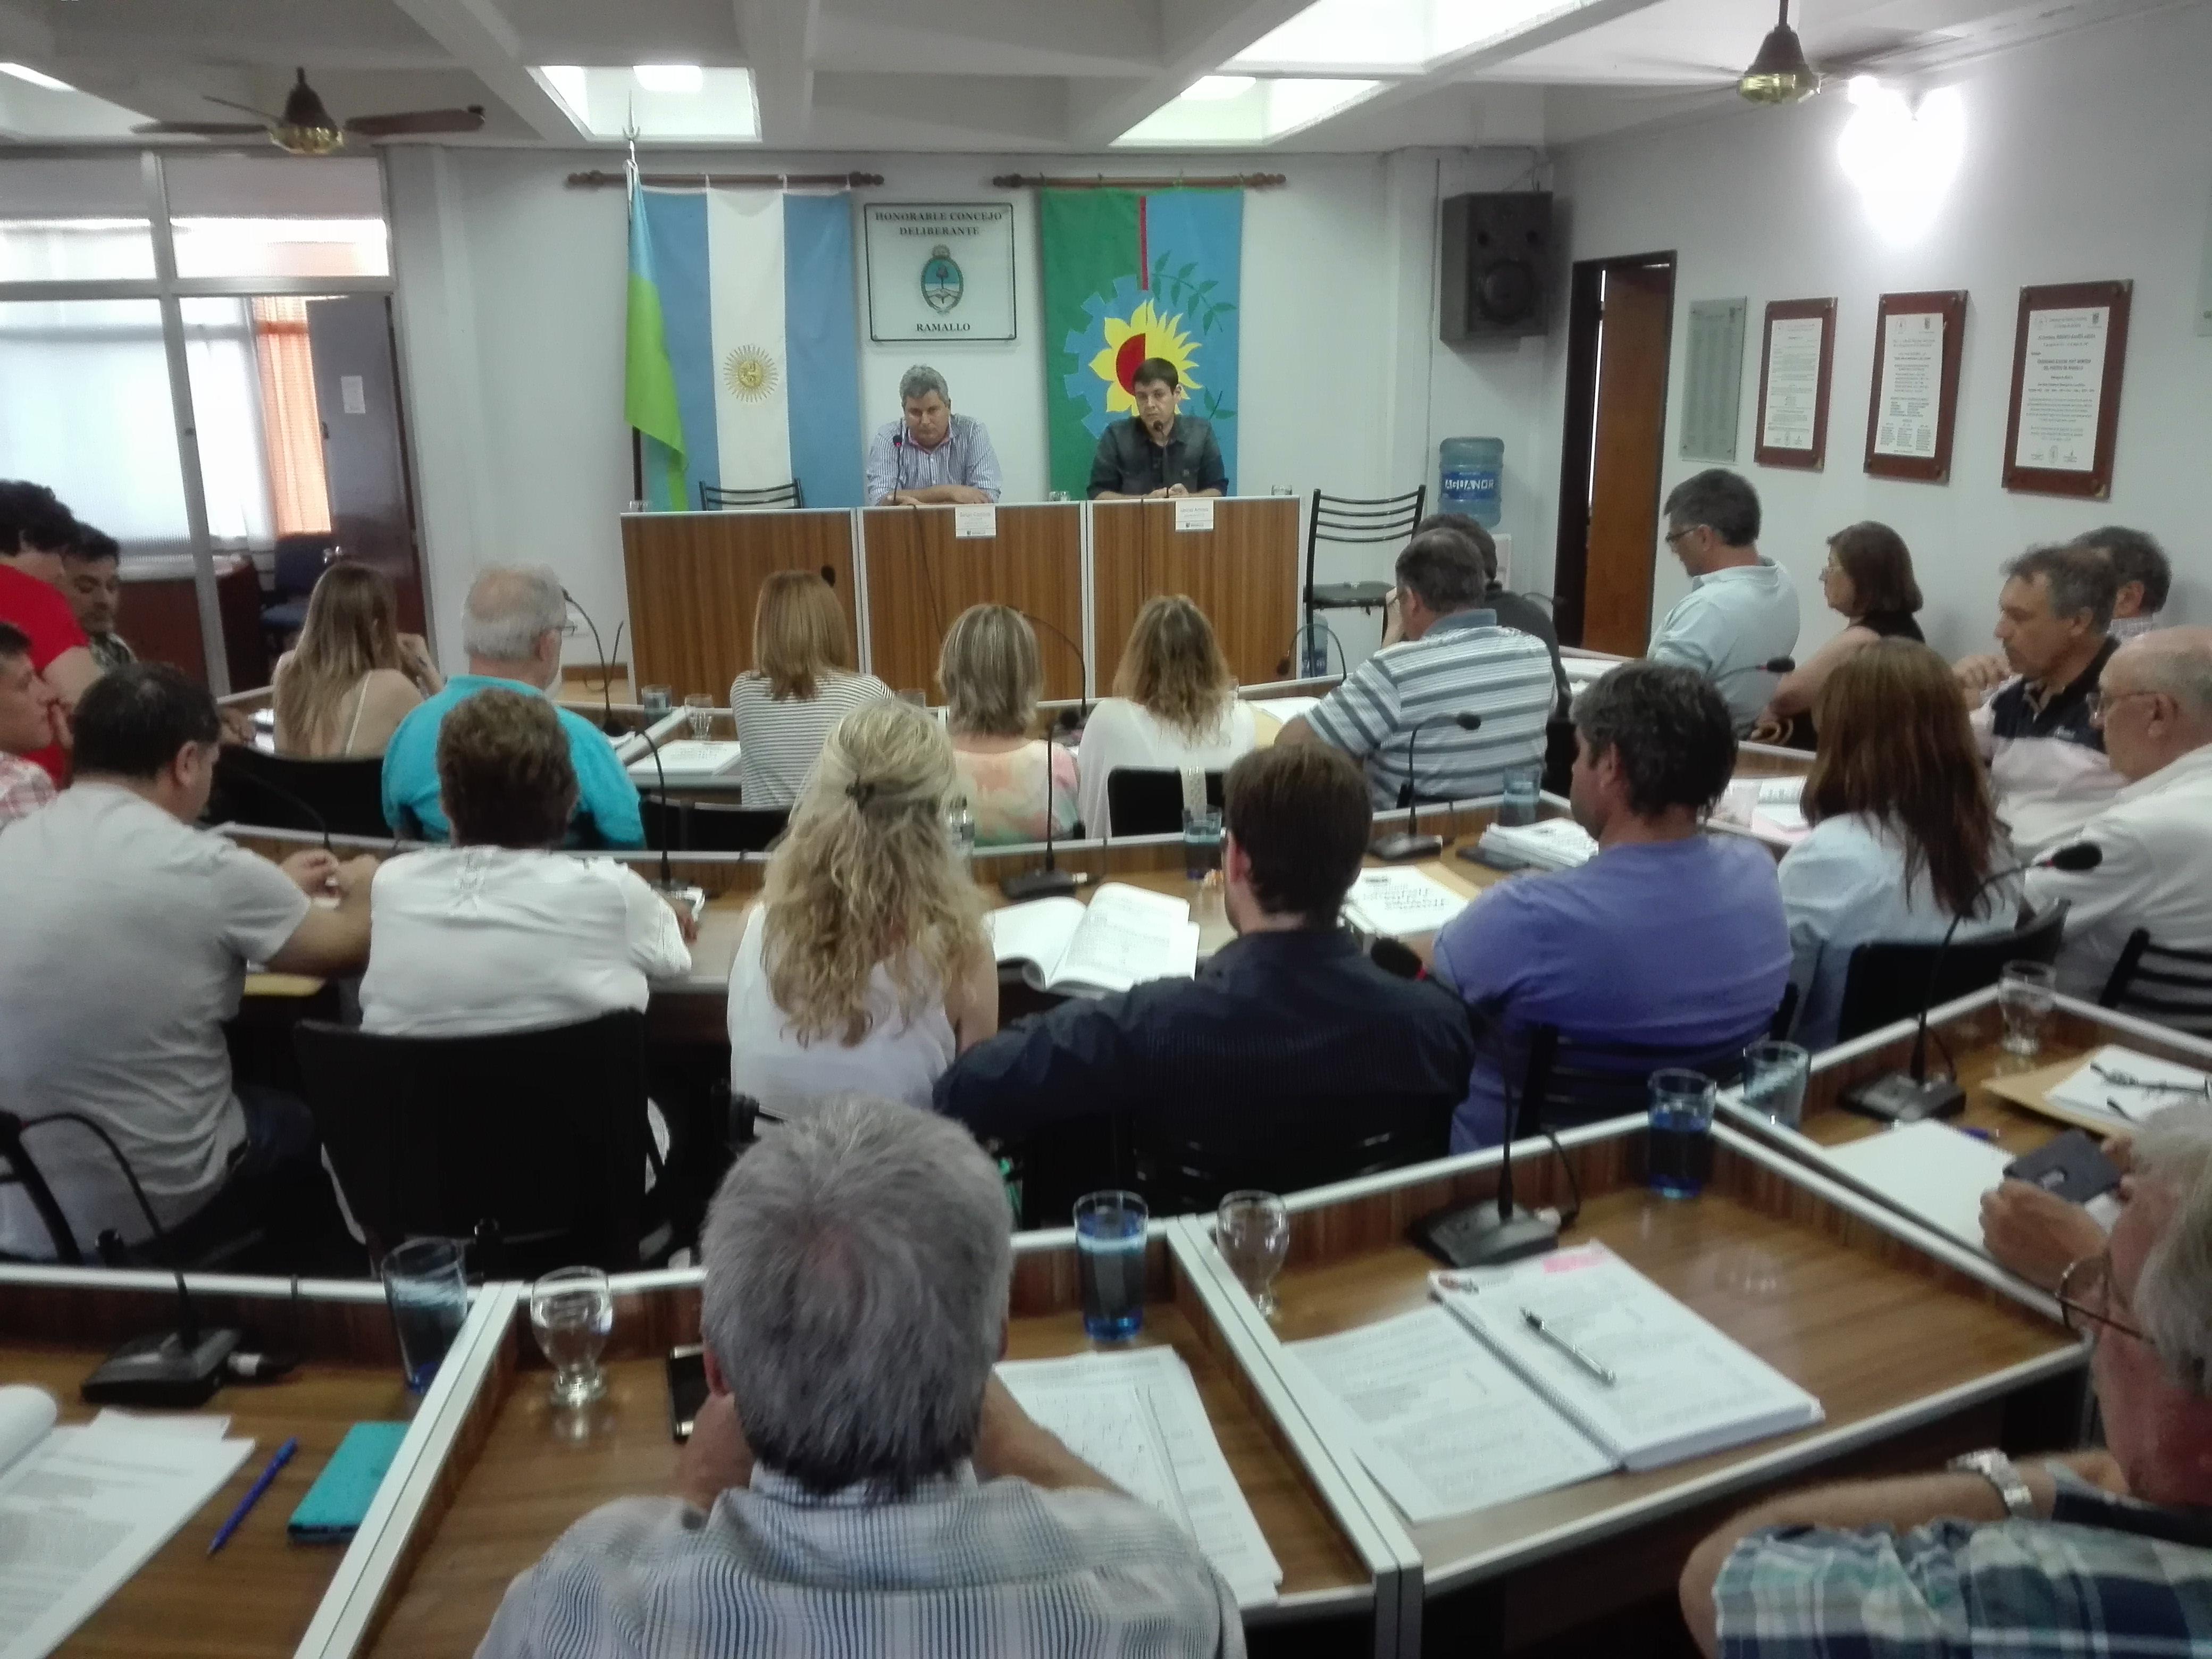 Los concejales volvieron a reunirse en sesión con una agenda cargada de temas